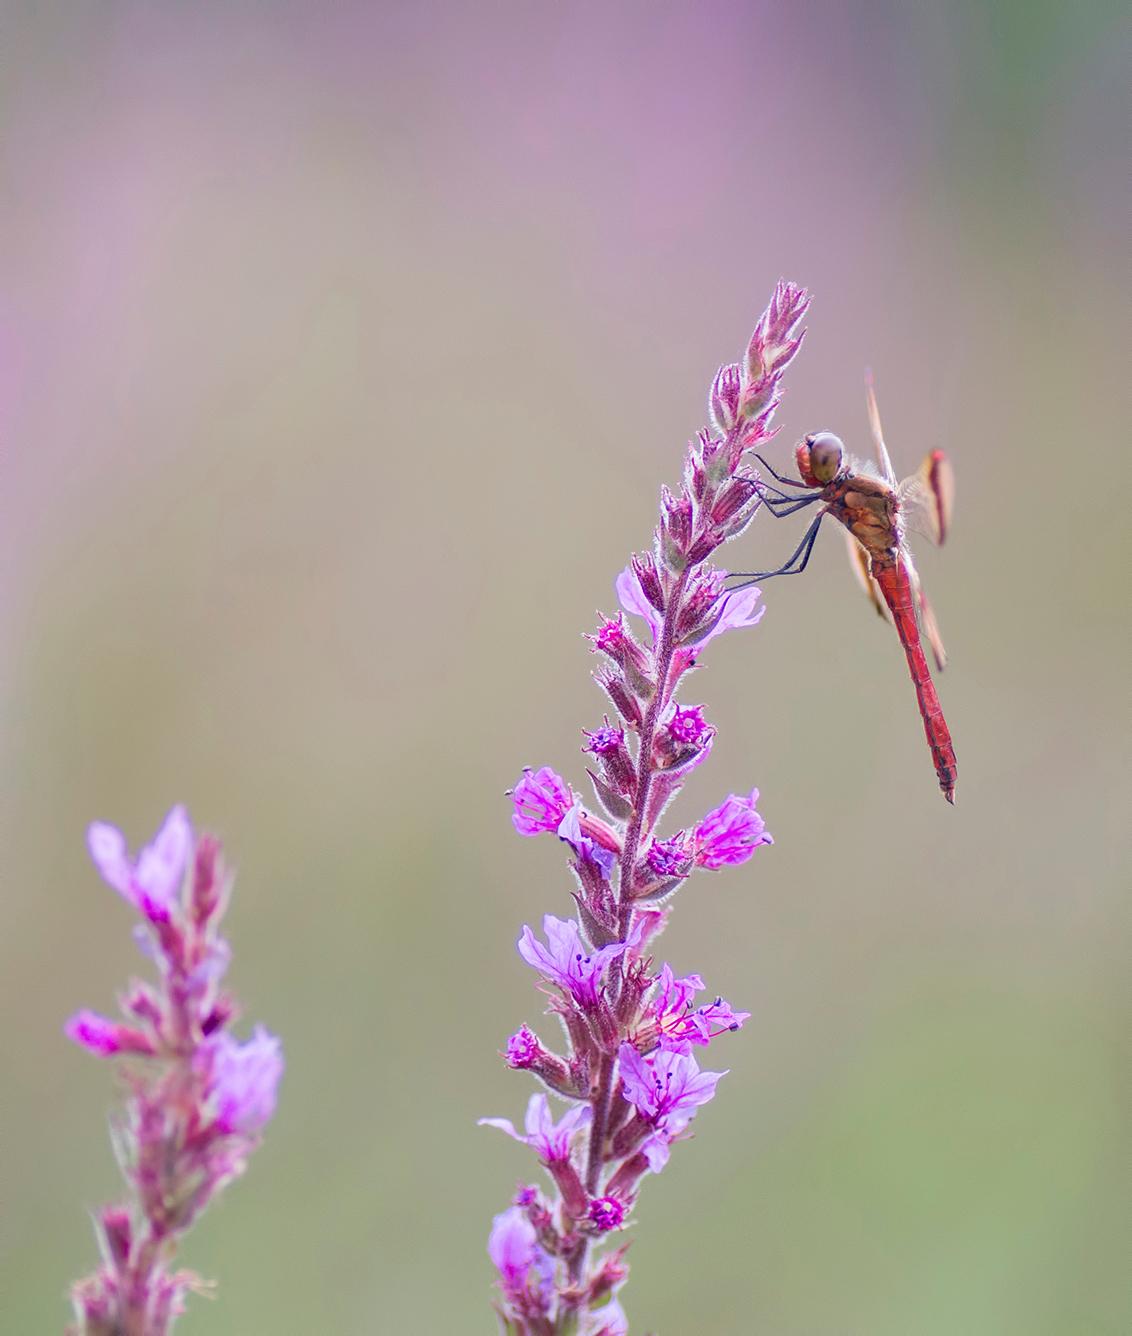 In a pink world - Nog een foto van de fraaie Bandheidelibel. - foto door birgitte61 op 24-08-2019 - deze foto bevat: roze, macro, zon, bloem, natuur, licht, libel, zomer, insect, dof, bandheidelibel, bokeh